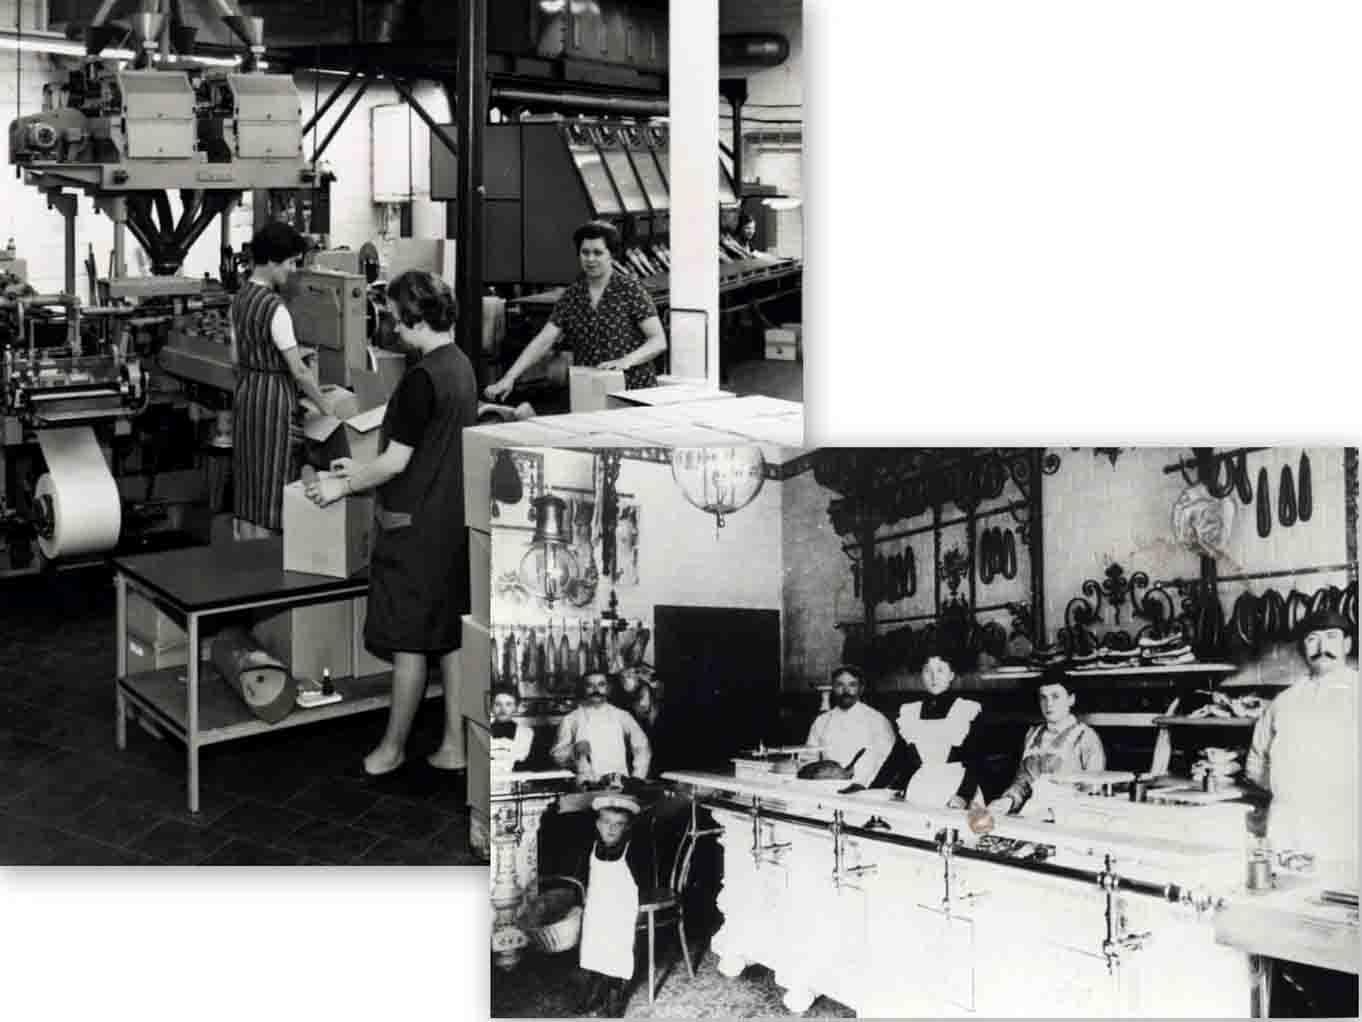 Der Stadtrundgang zeigt das Frauenbild im Wandel der Zeit. Auch in Herten haben weibliche Einflüsse das Stadtbild geprägt. Auf dem linken Bild verpacken die Mitarbeiterinnen Kaffee. Die Aufnahme stammt aus den Fünfziger Jahren. Das rechte Bild zeigt die Mitarbeiterinnen der Firma Schweisfurth Anfang des 19. Jahrhunderts. Foto: Stadt Herten